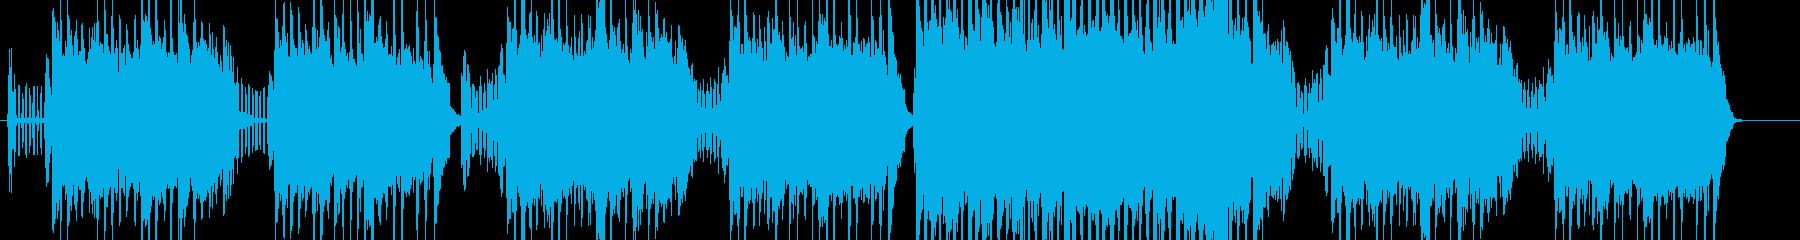 アコーディオンを使った異国情緒あるポップの再生済みの波形